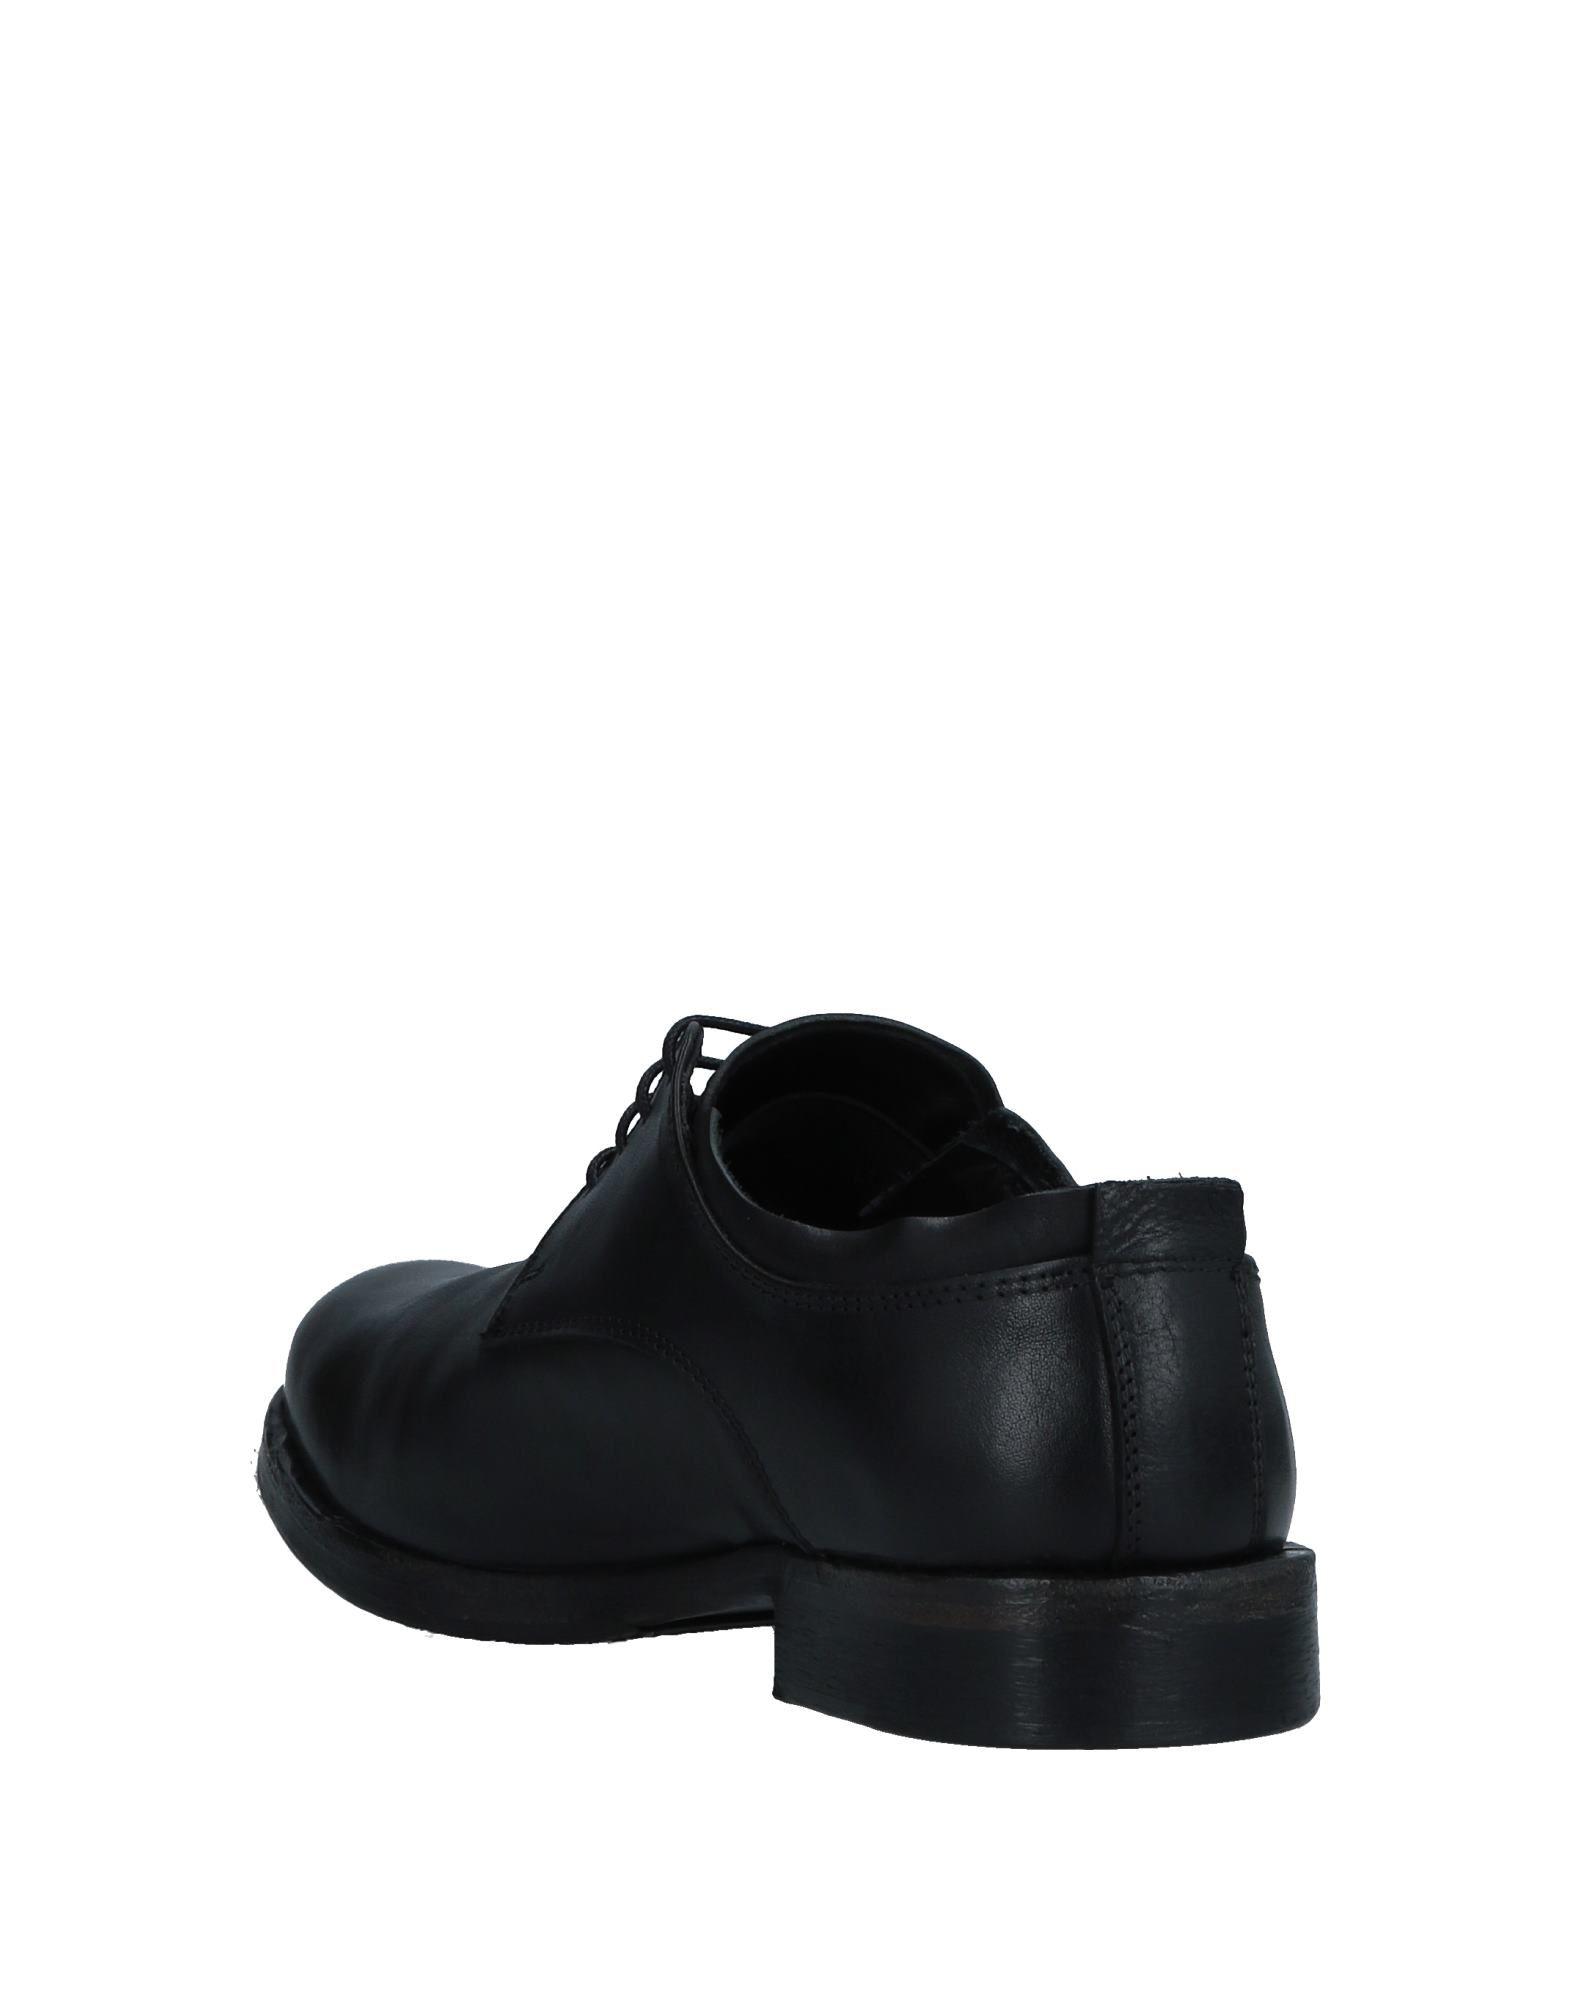 Brawn's Schnürschuhe Herren  11526643RG Gute Qualität beliebte Schuhe